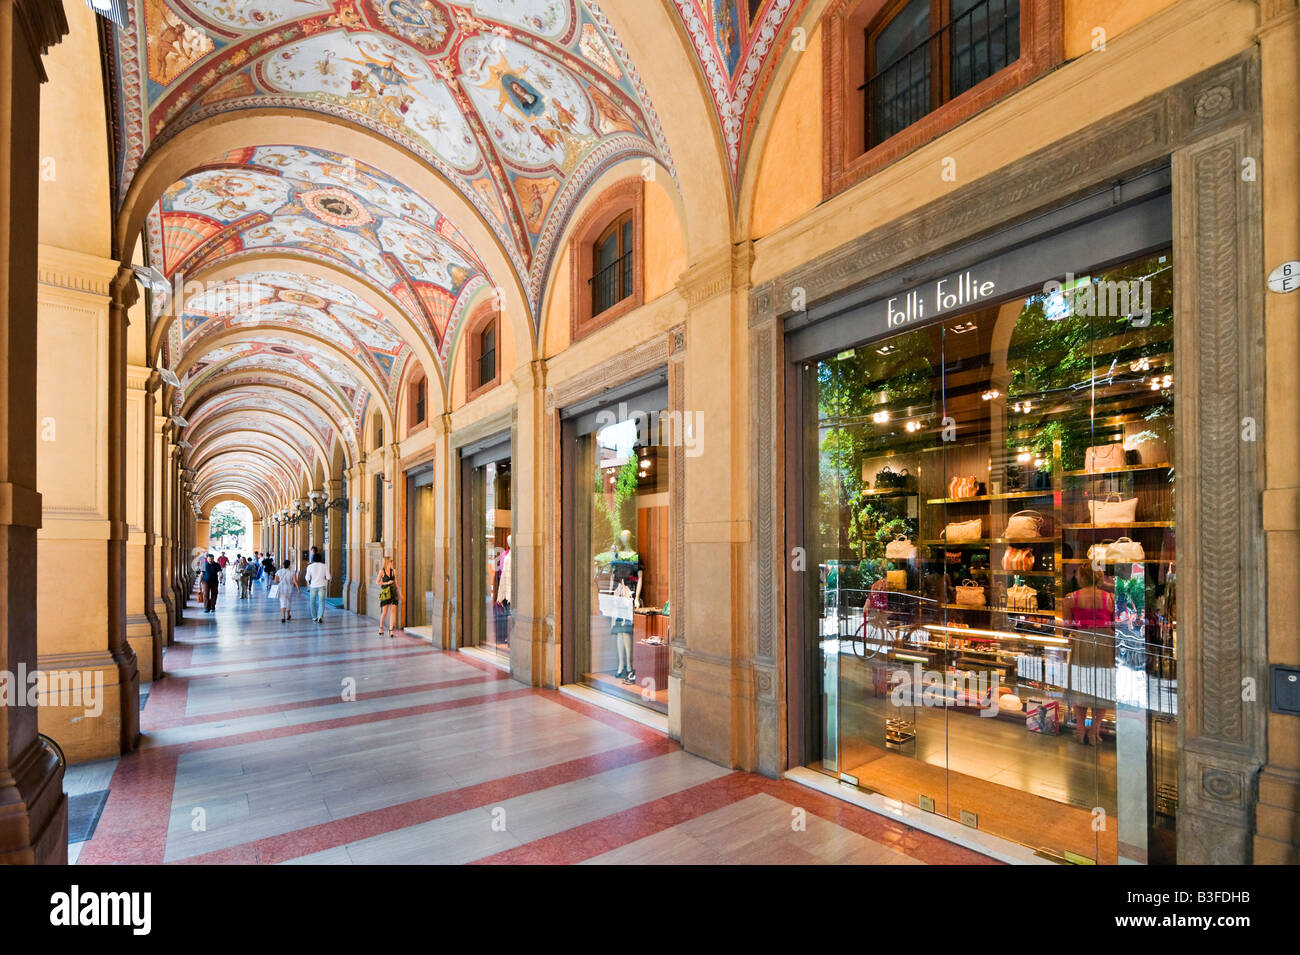 Exclusive shops in a portico on Via Farini in the historic centre, Bologna, Emilia Romagna, Italy - Stock Image